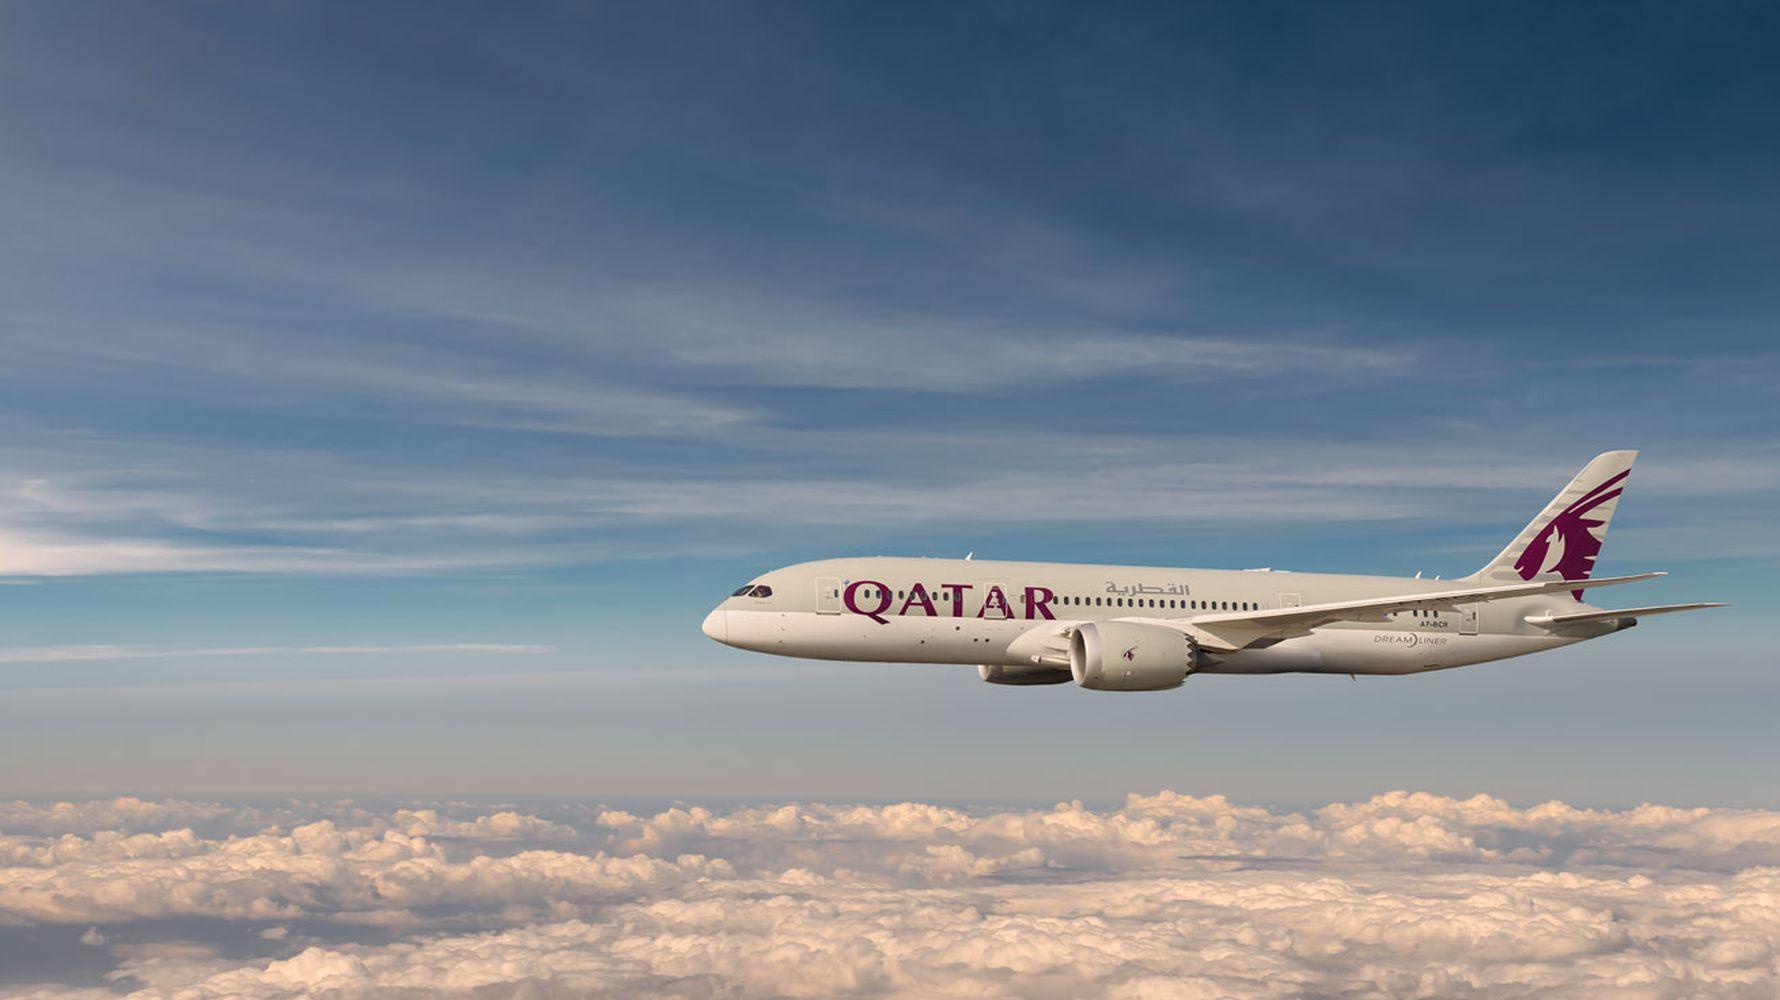 qatar airways izmir antalya, adana and bodrum flights are restarting